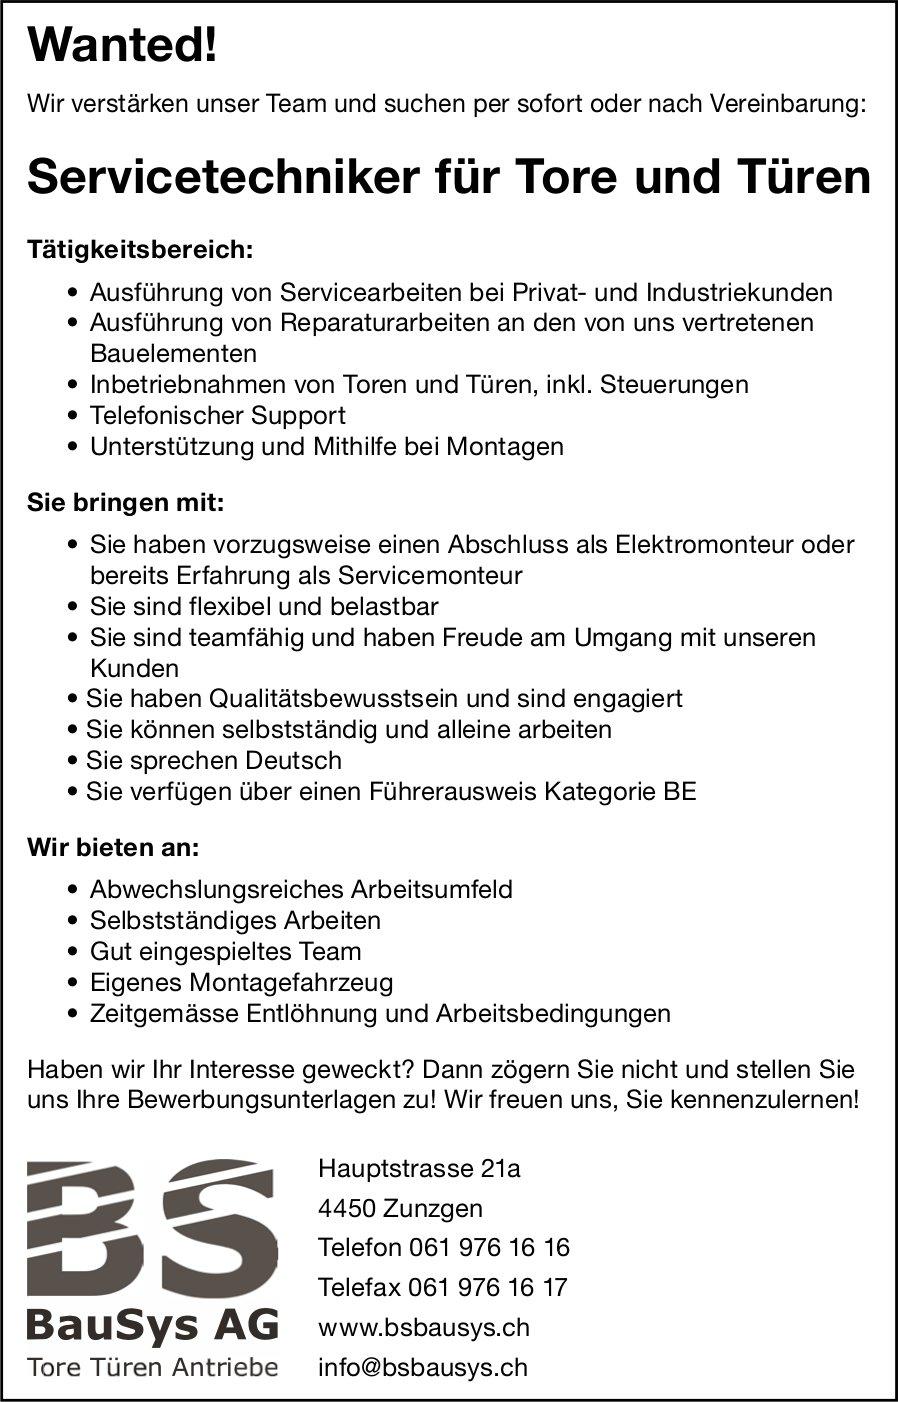 Servicetechniker für Tore und Türen, BauSys AG, Zunzgen, gesucht